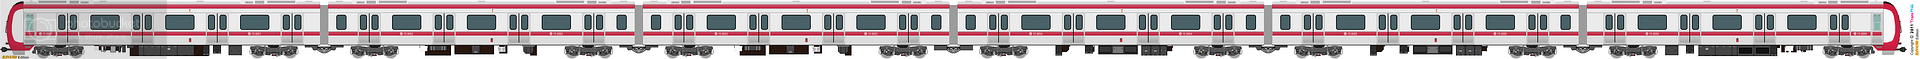 [5303] 北京市地鐵 2303